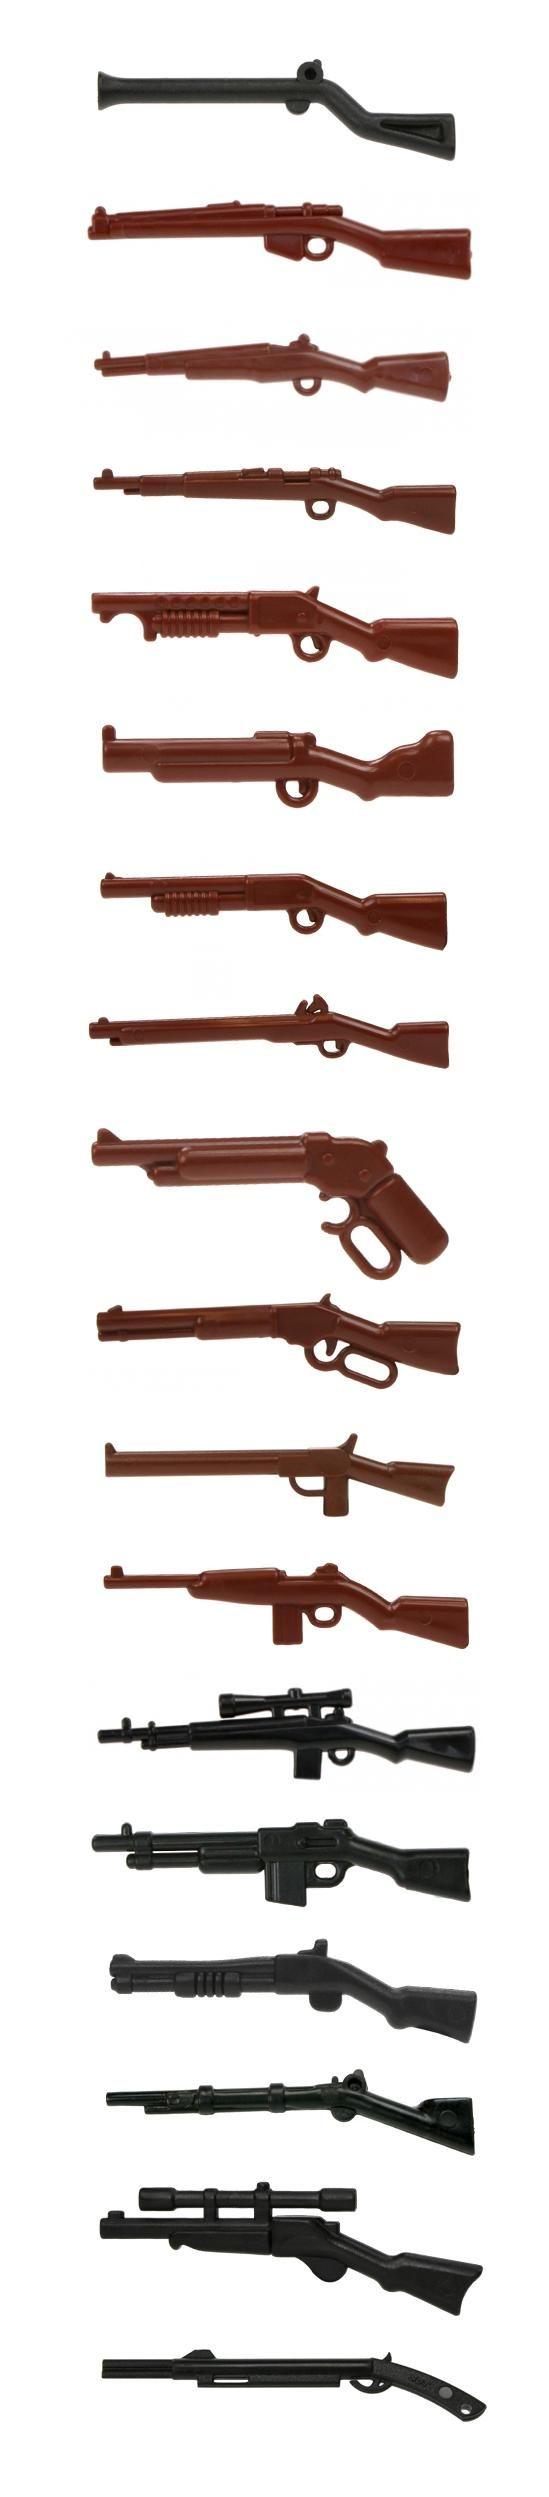 LEGO minifigure compatible long barrel guns